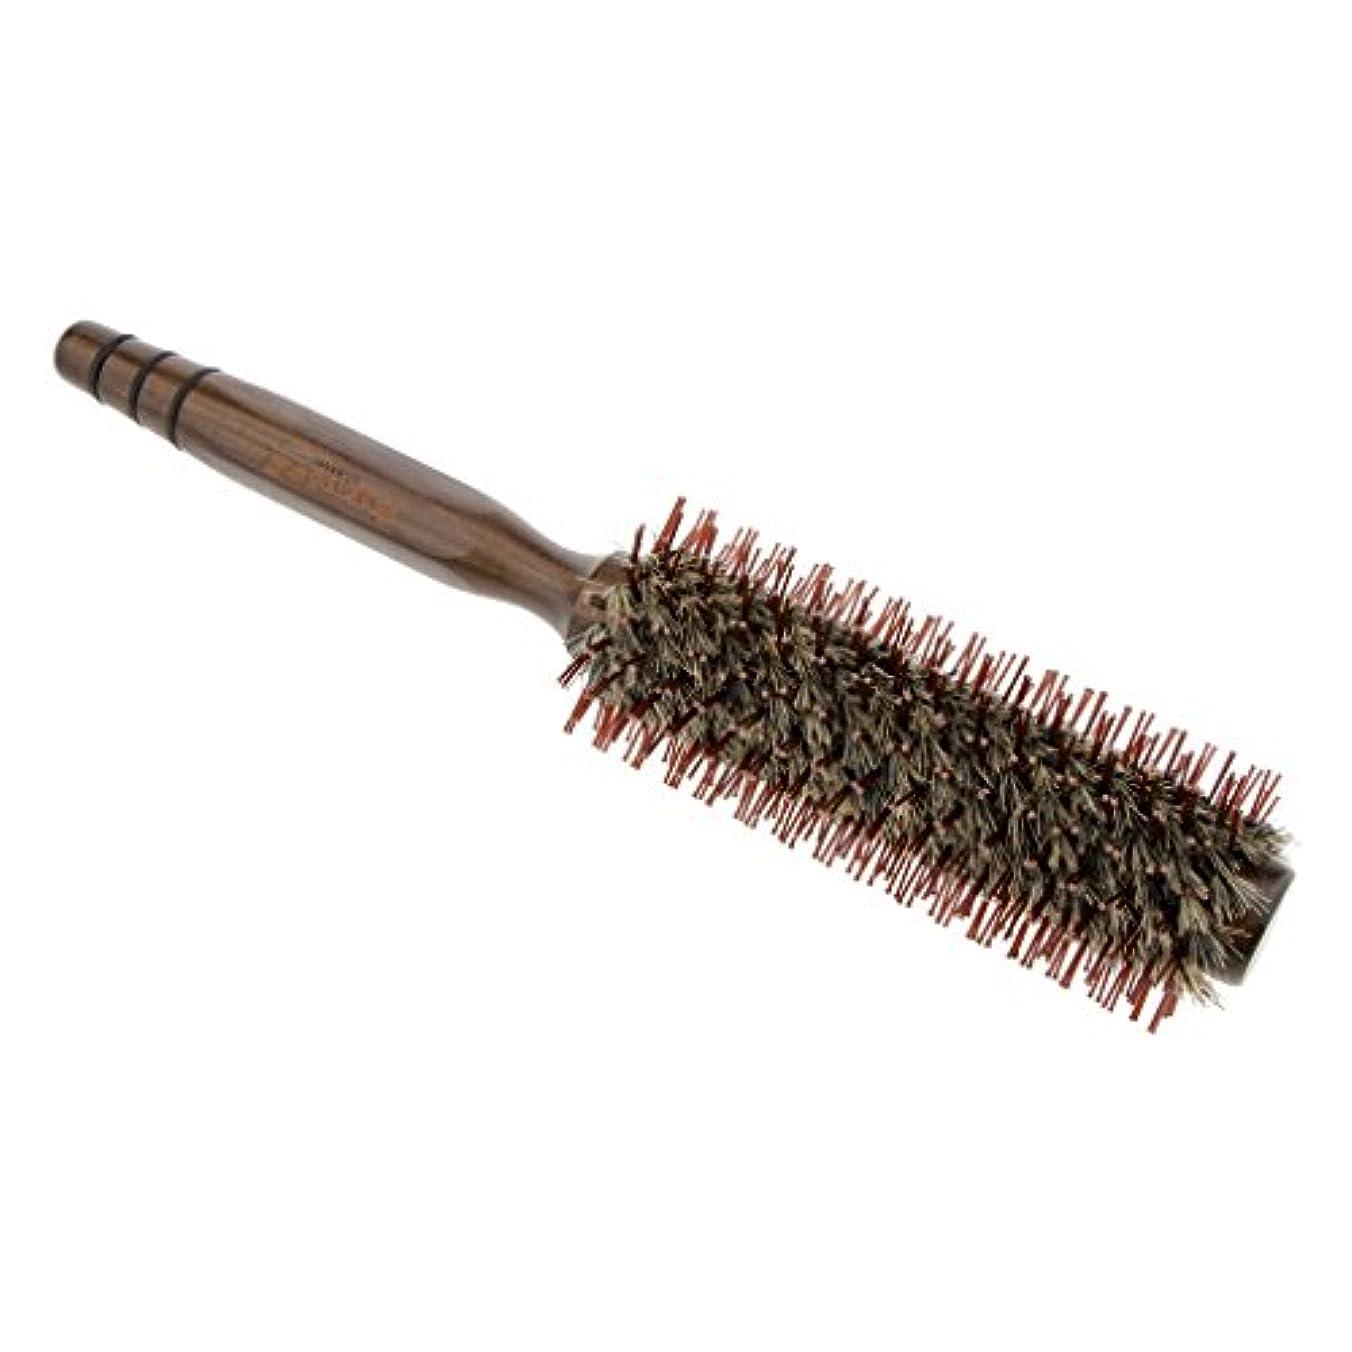 乙女適用する含むPerfk ロールブラシ ヘアコーム 木製櫛 くし ヘアスタイリング ブラシ 3サイズ - L